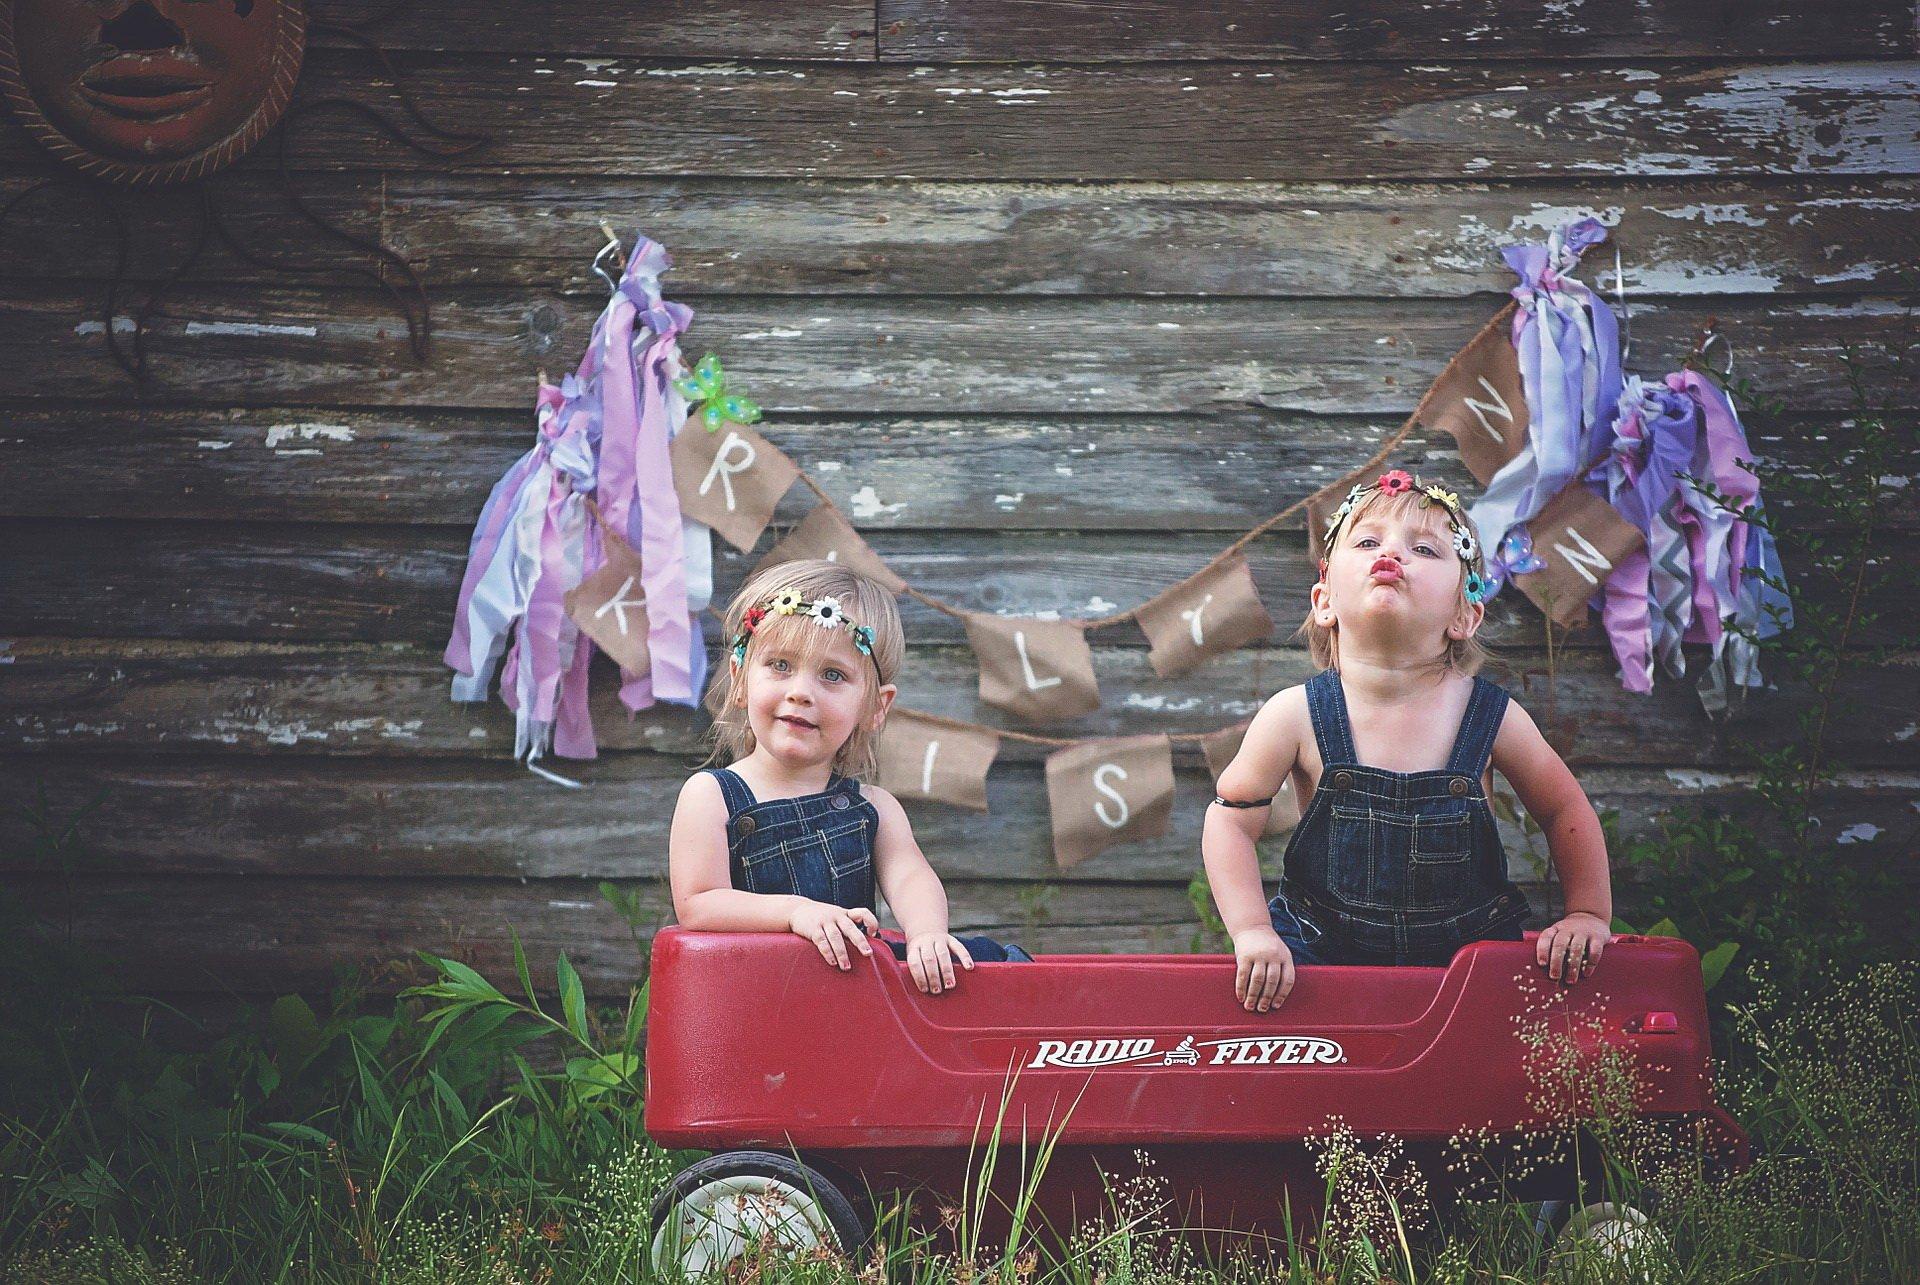 Dziećmi jesteśmy tylko raz piosenka na Dzień Dziecka, tekst i melodia